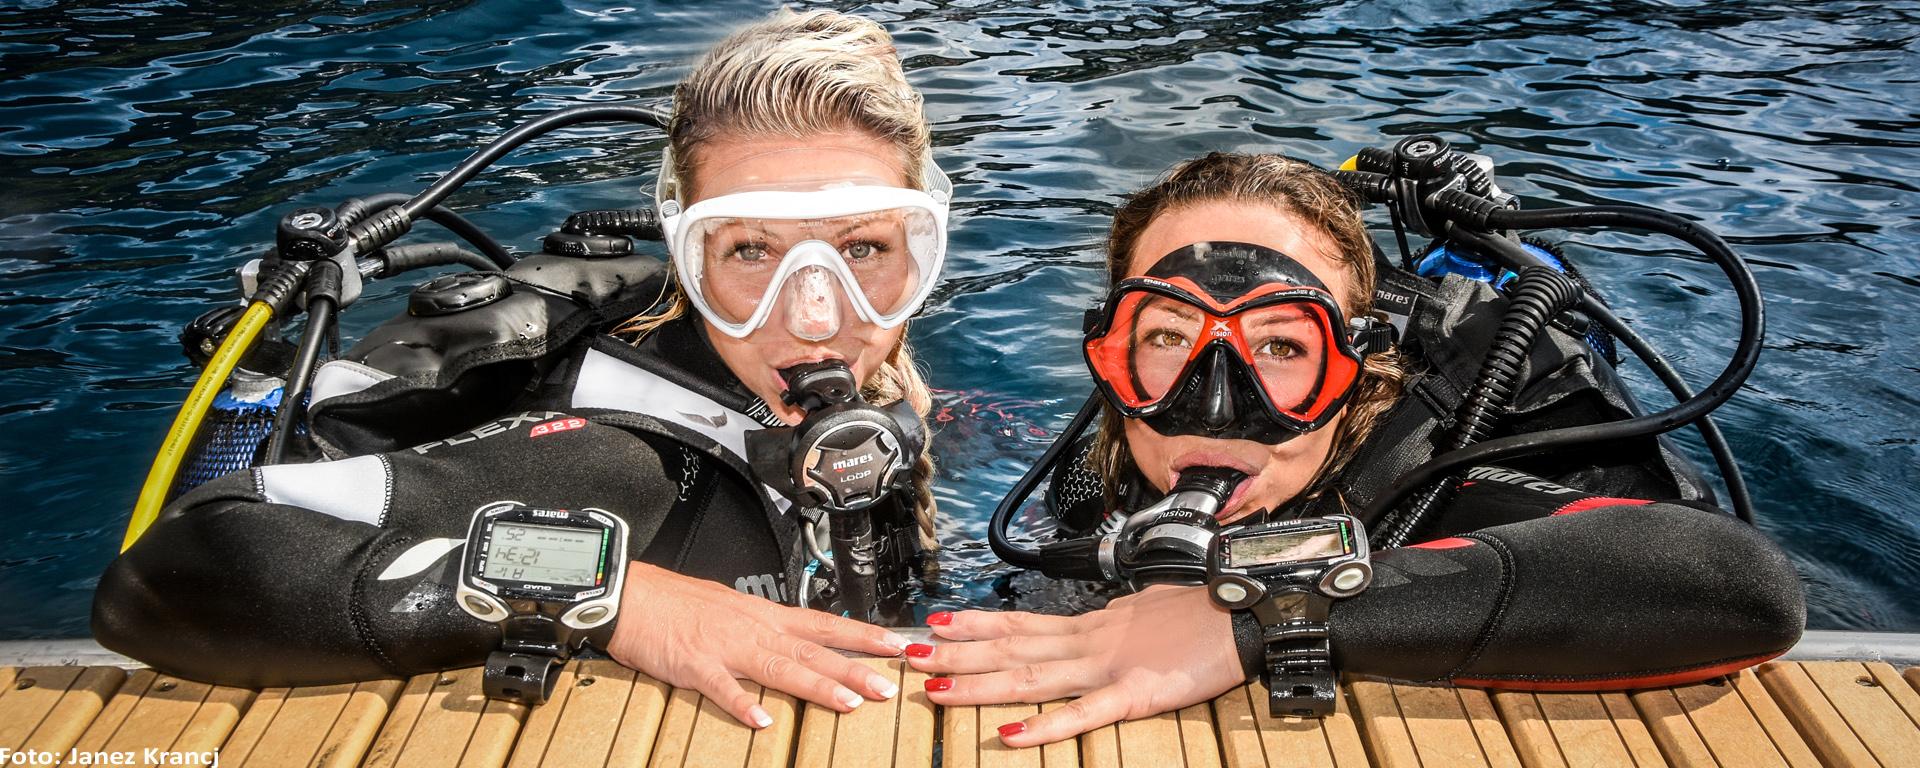 ScubaXP Leren duiken - Ons team staat voor jullie klaar!